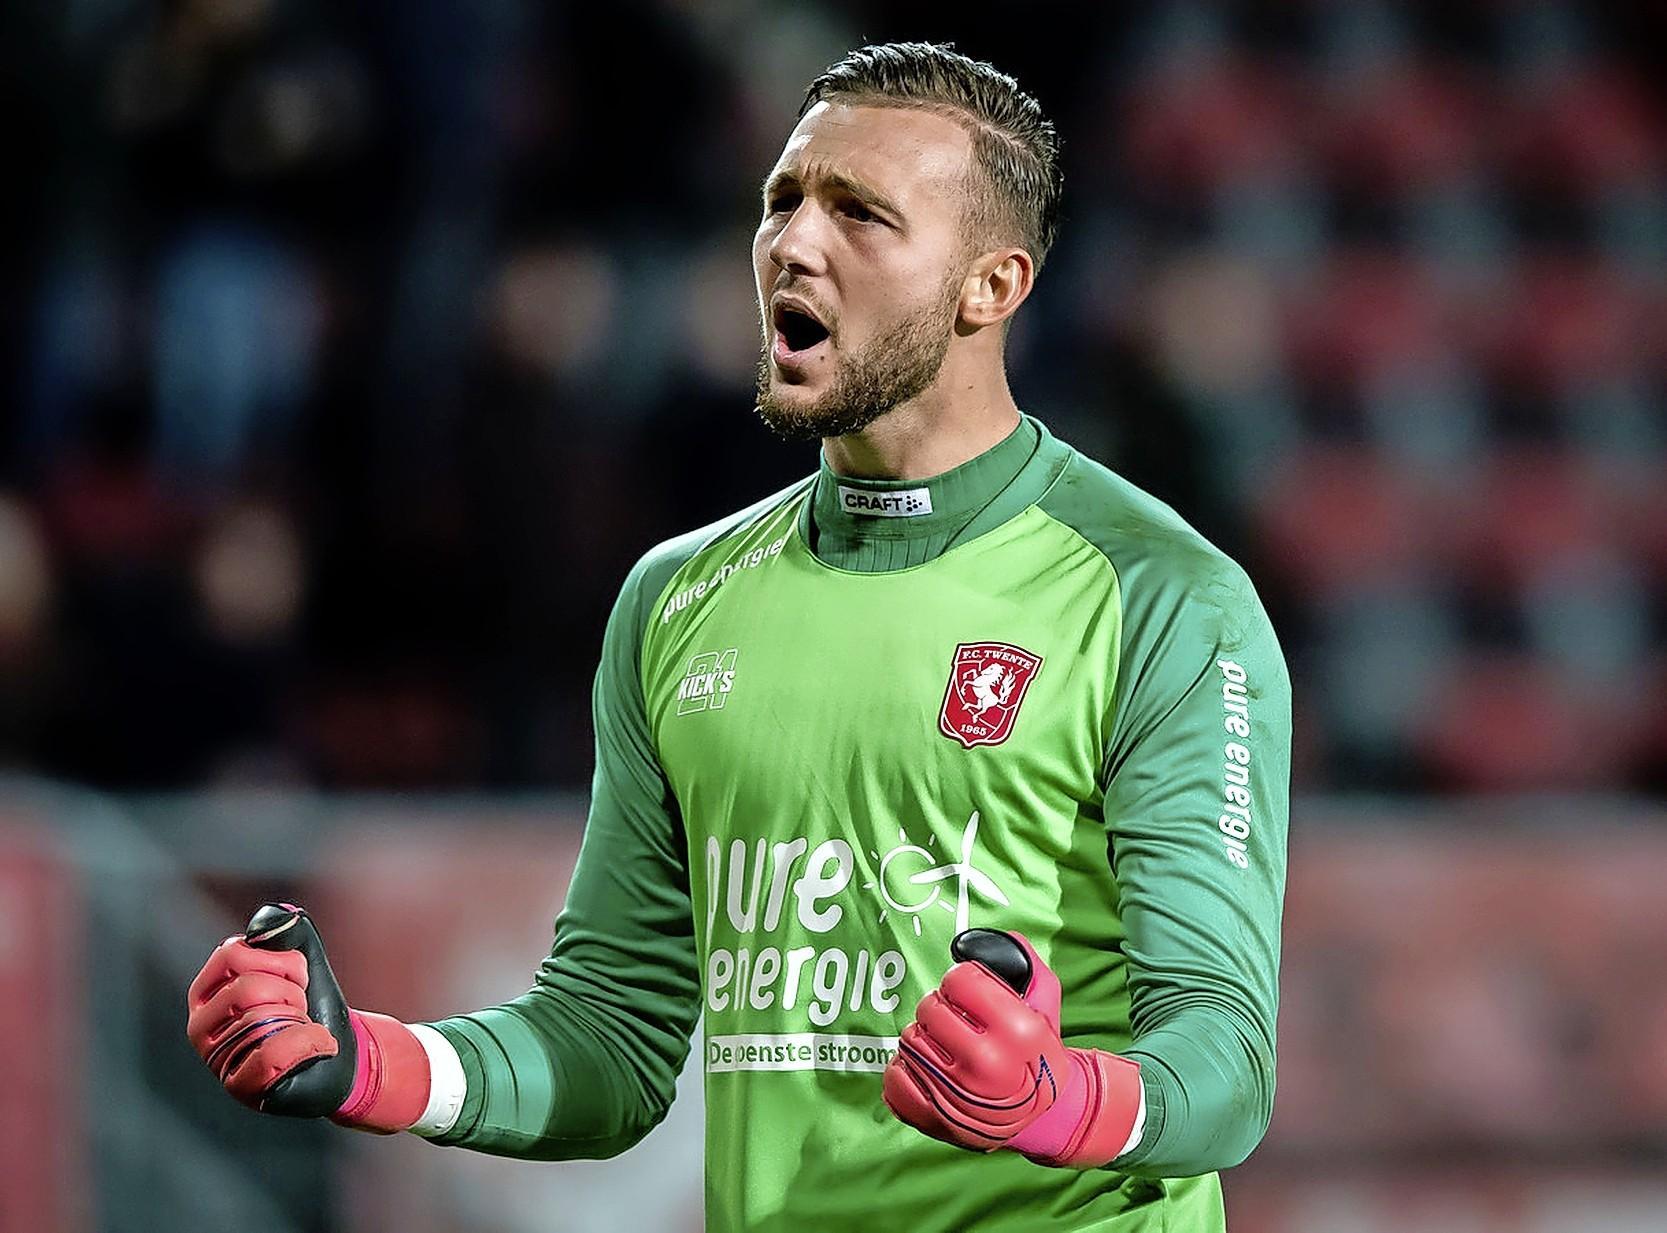 Aan Club Brugge en Bundesliga-clubs gelinkte Joël Drommel aast op vertrek bij FC Twente: 'Ik ben toe aan de volgende stap', vindt de Bussumer